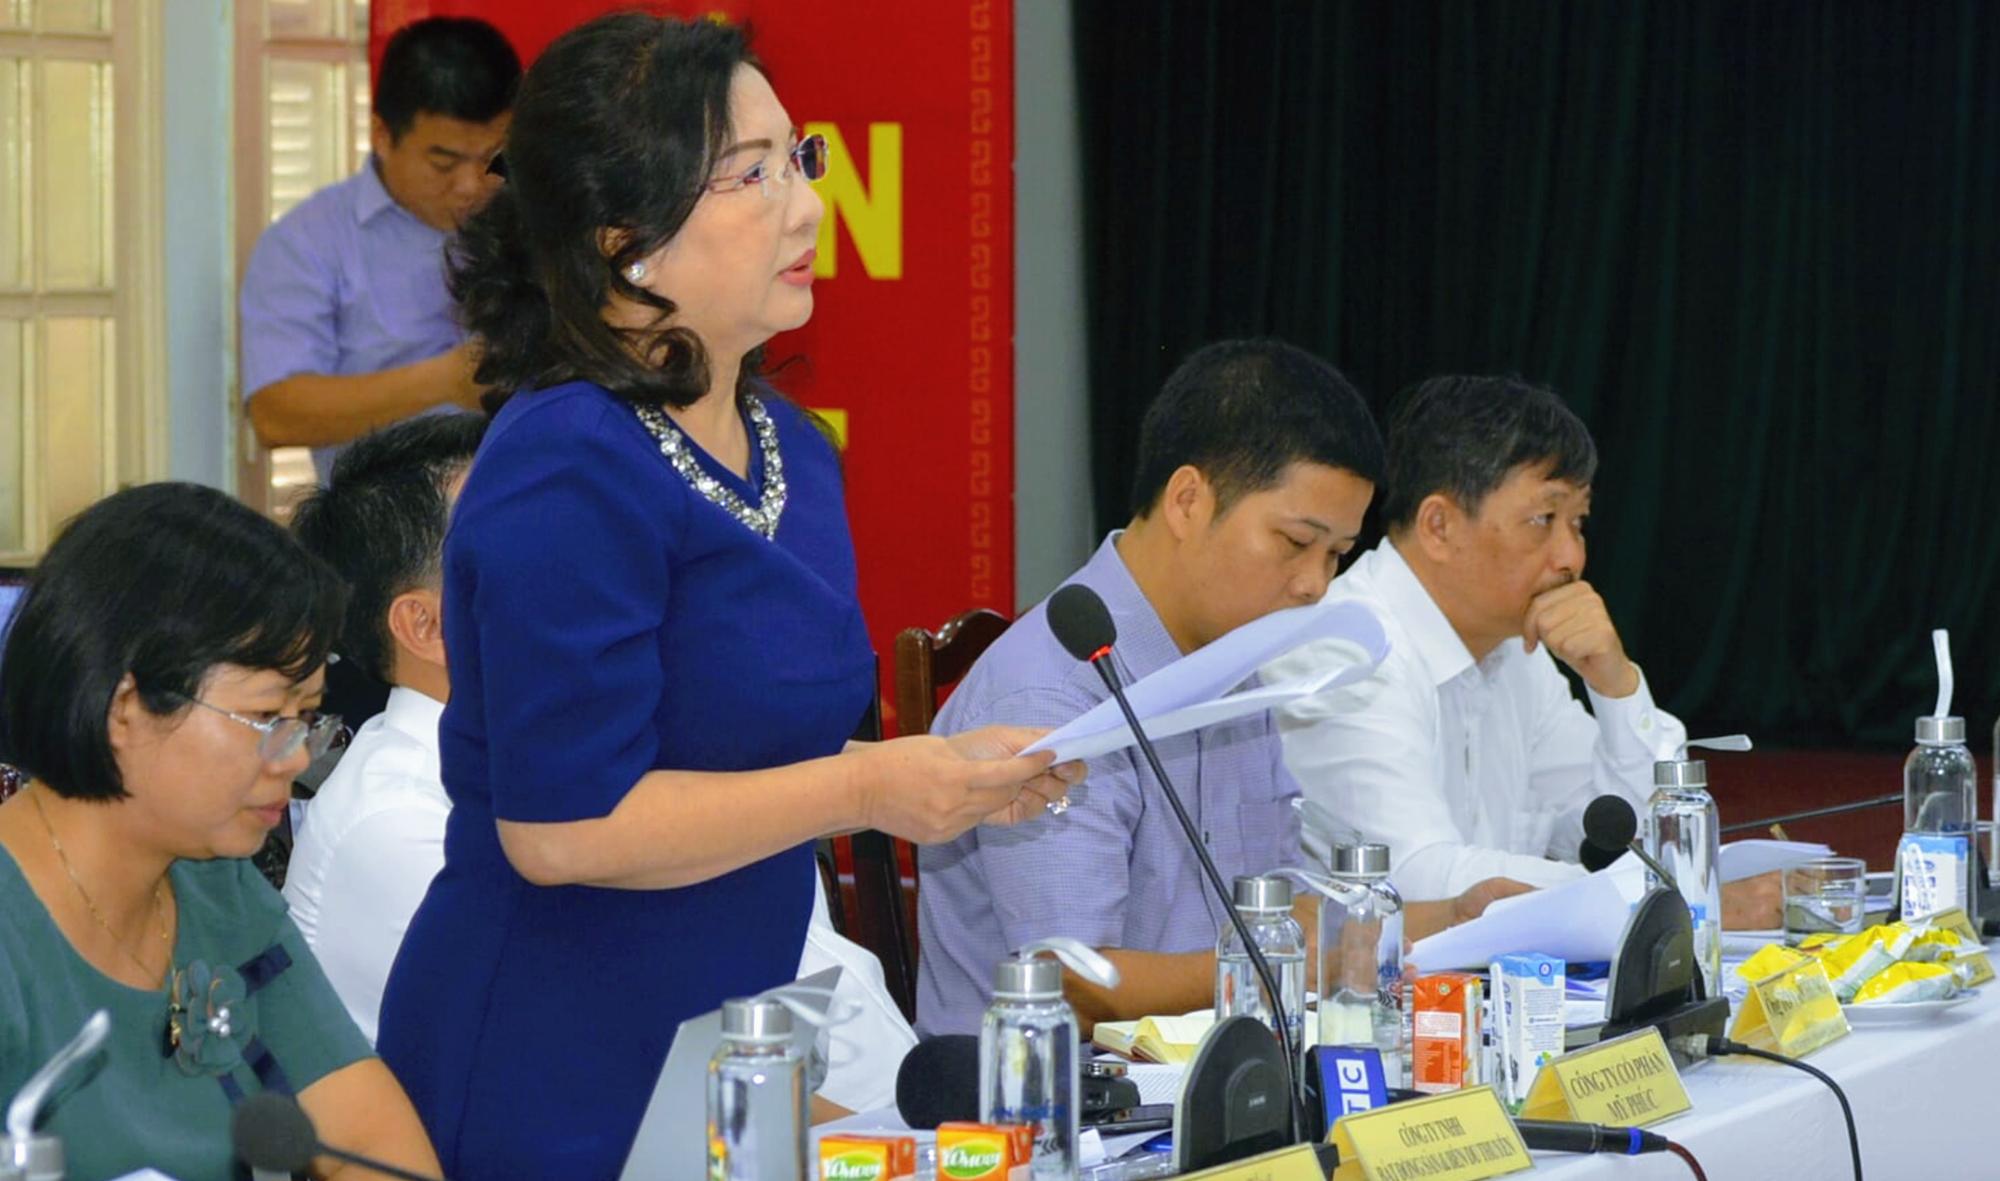 Lãnh đạo Đà Nẵng nói gì tại Hội nghị phản biện Dự án bất động sản và bến du thuyền - Marina Complex? - Ảnh 2.